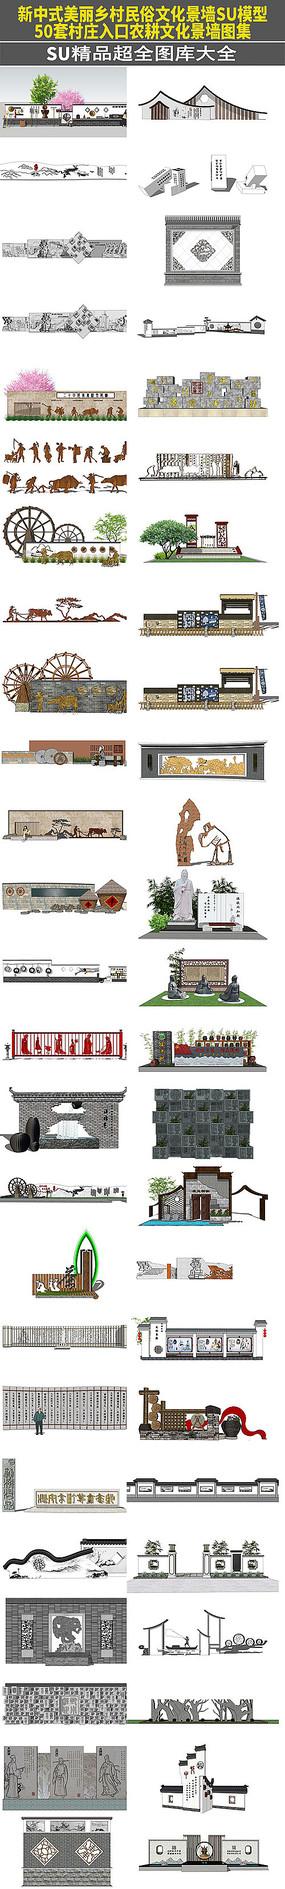 50套新中式美丽乡村民俗文化景墙SU图集